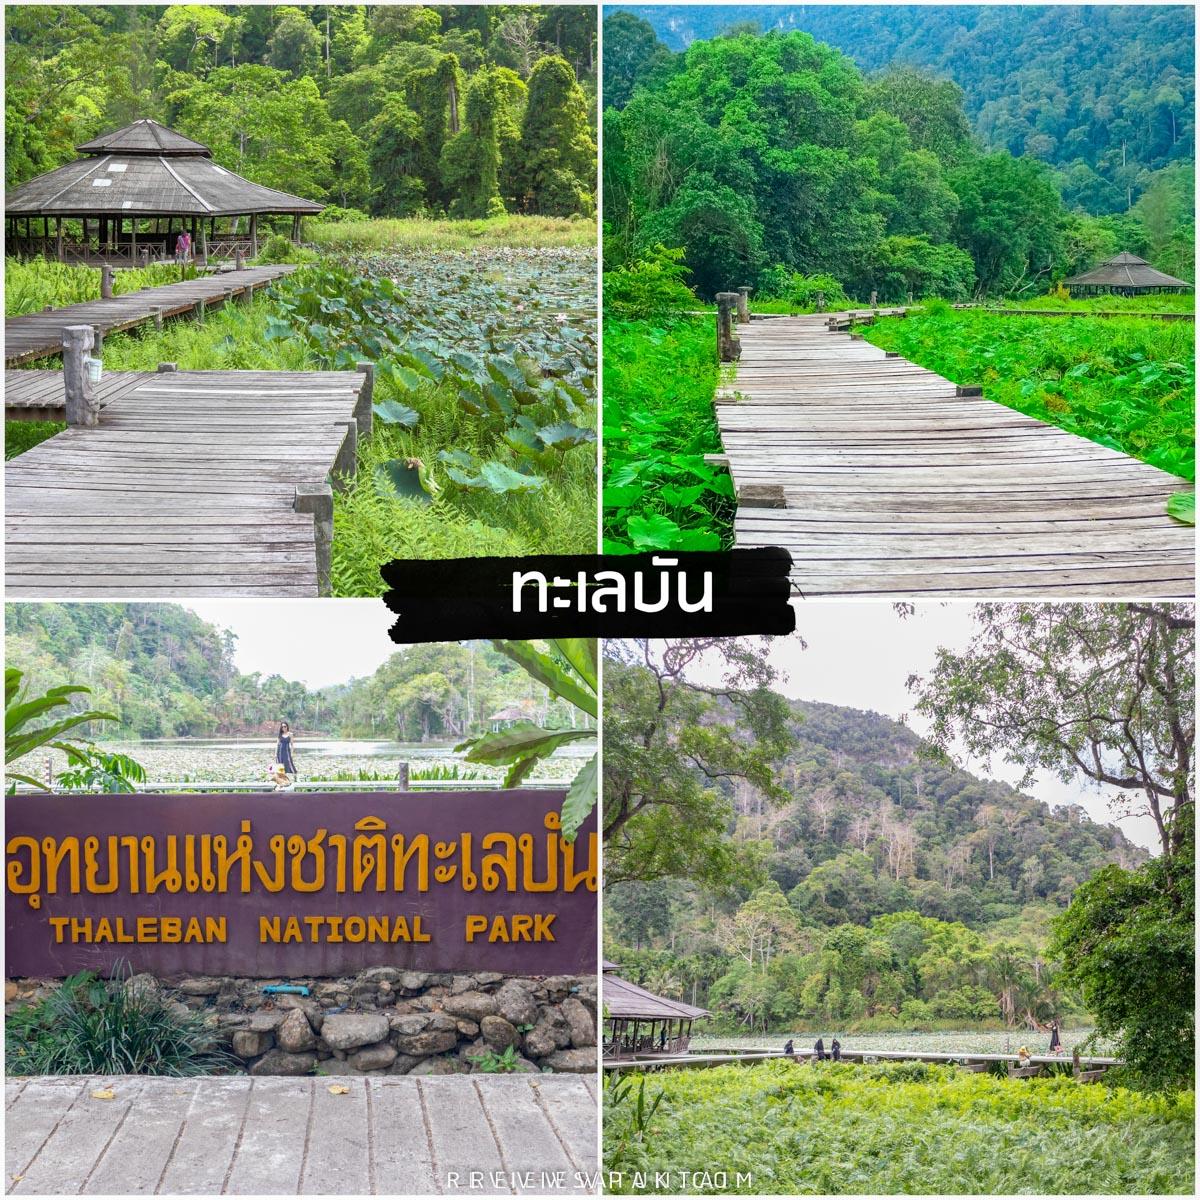 ทะเลบัน จุดชมธรรมชาติของภาคใต้ที่กว้างใหญ่และไปชมบึงบัวกันได้เลย รายละเอียด คลิก จุดเช็คอิน,หลีเป๊ะ,สตูลสดยกกำลังสาม,satunwonderland,เที่ยวเมืองไทยAmazingกว่าเดิม,ชีพจรลงSouth